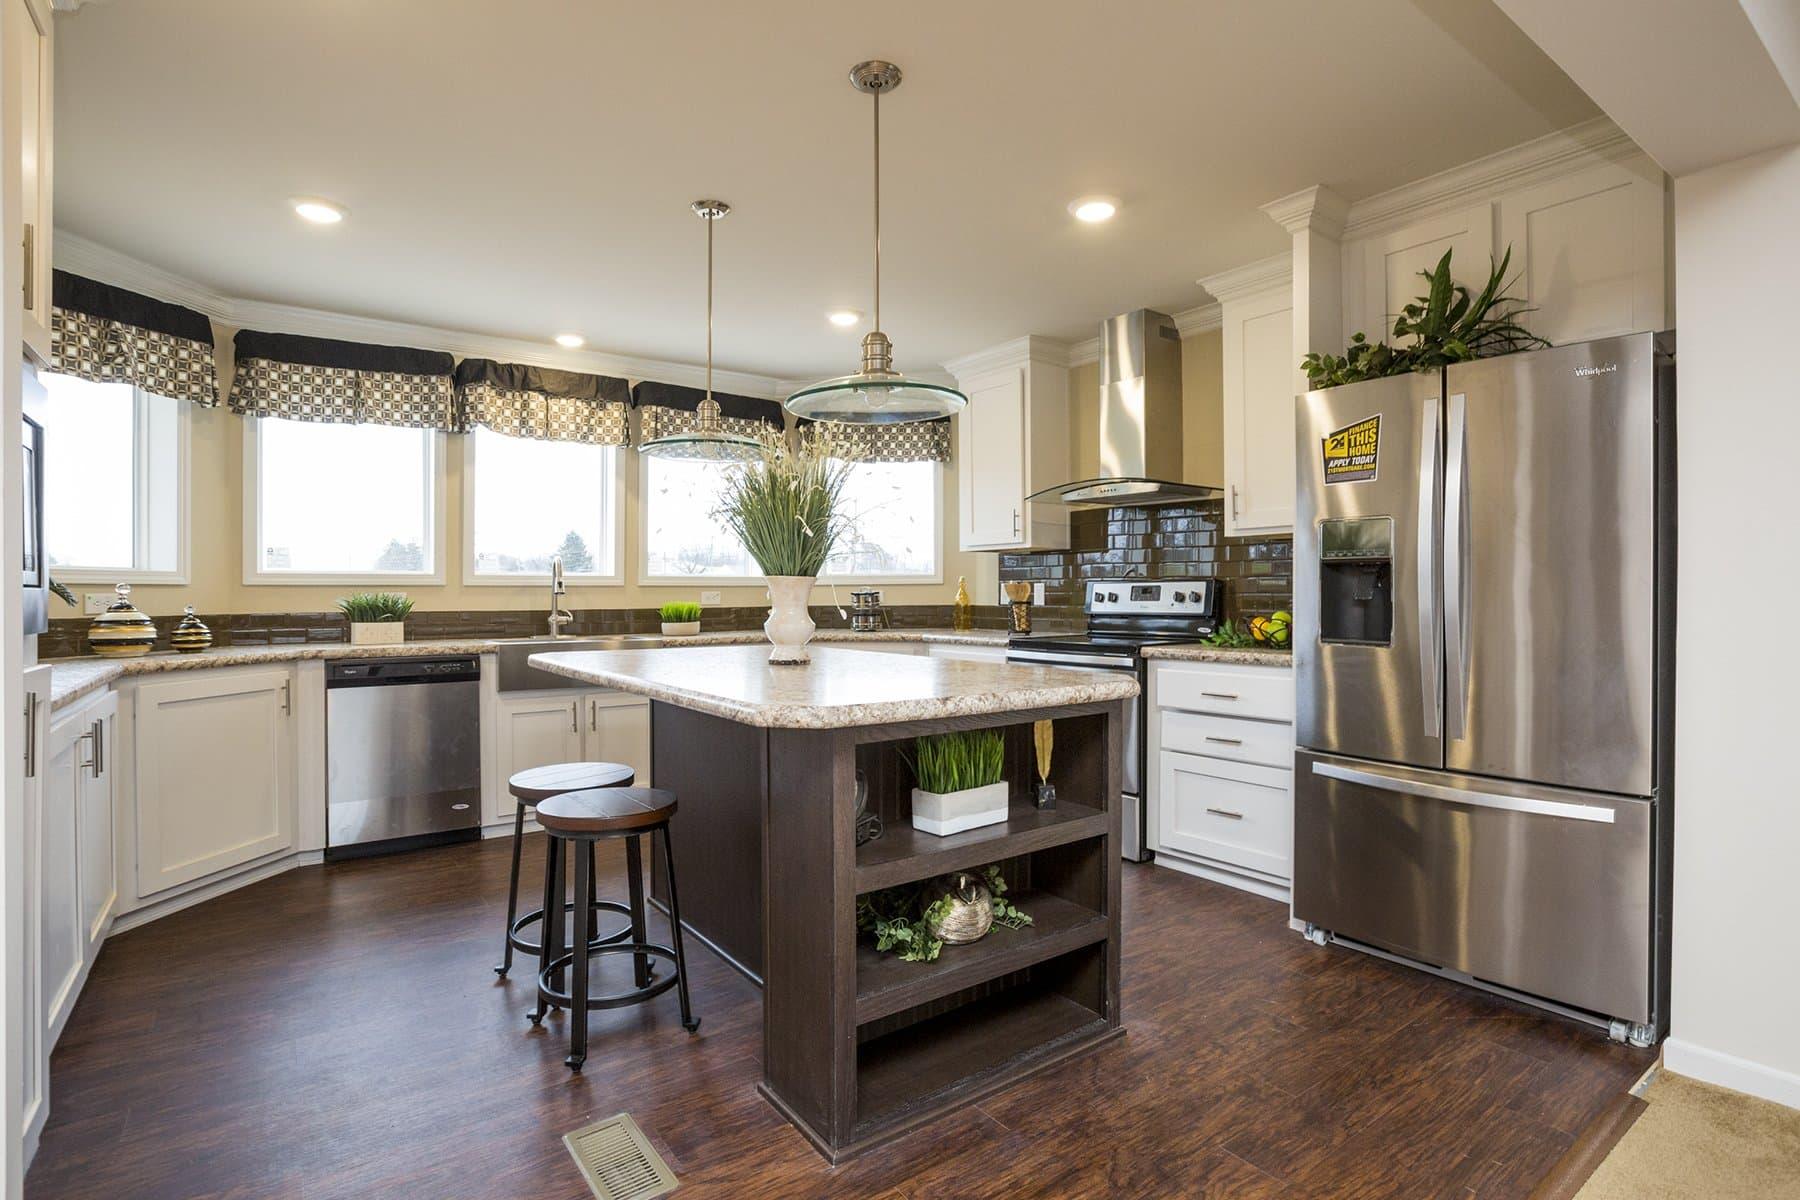 Lakeview 3268 06 kitchen 1 copy